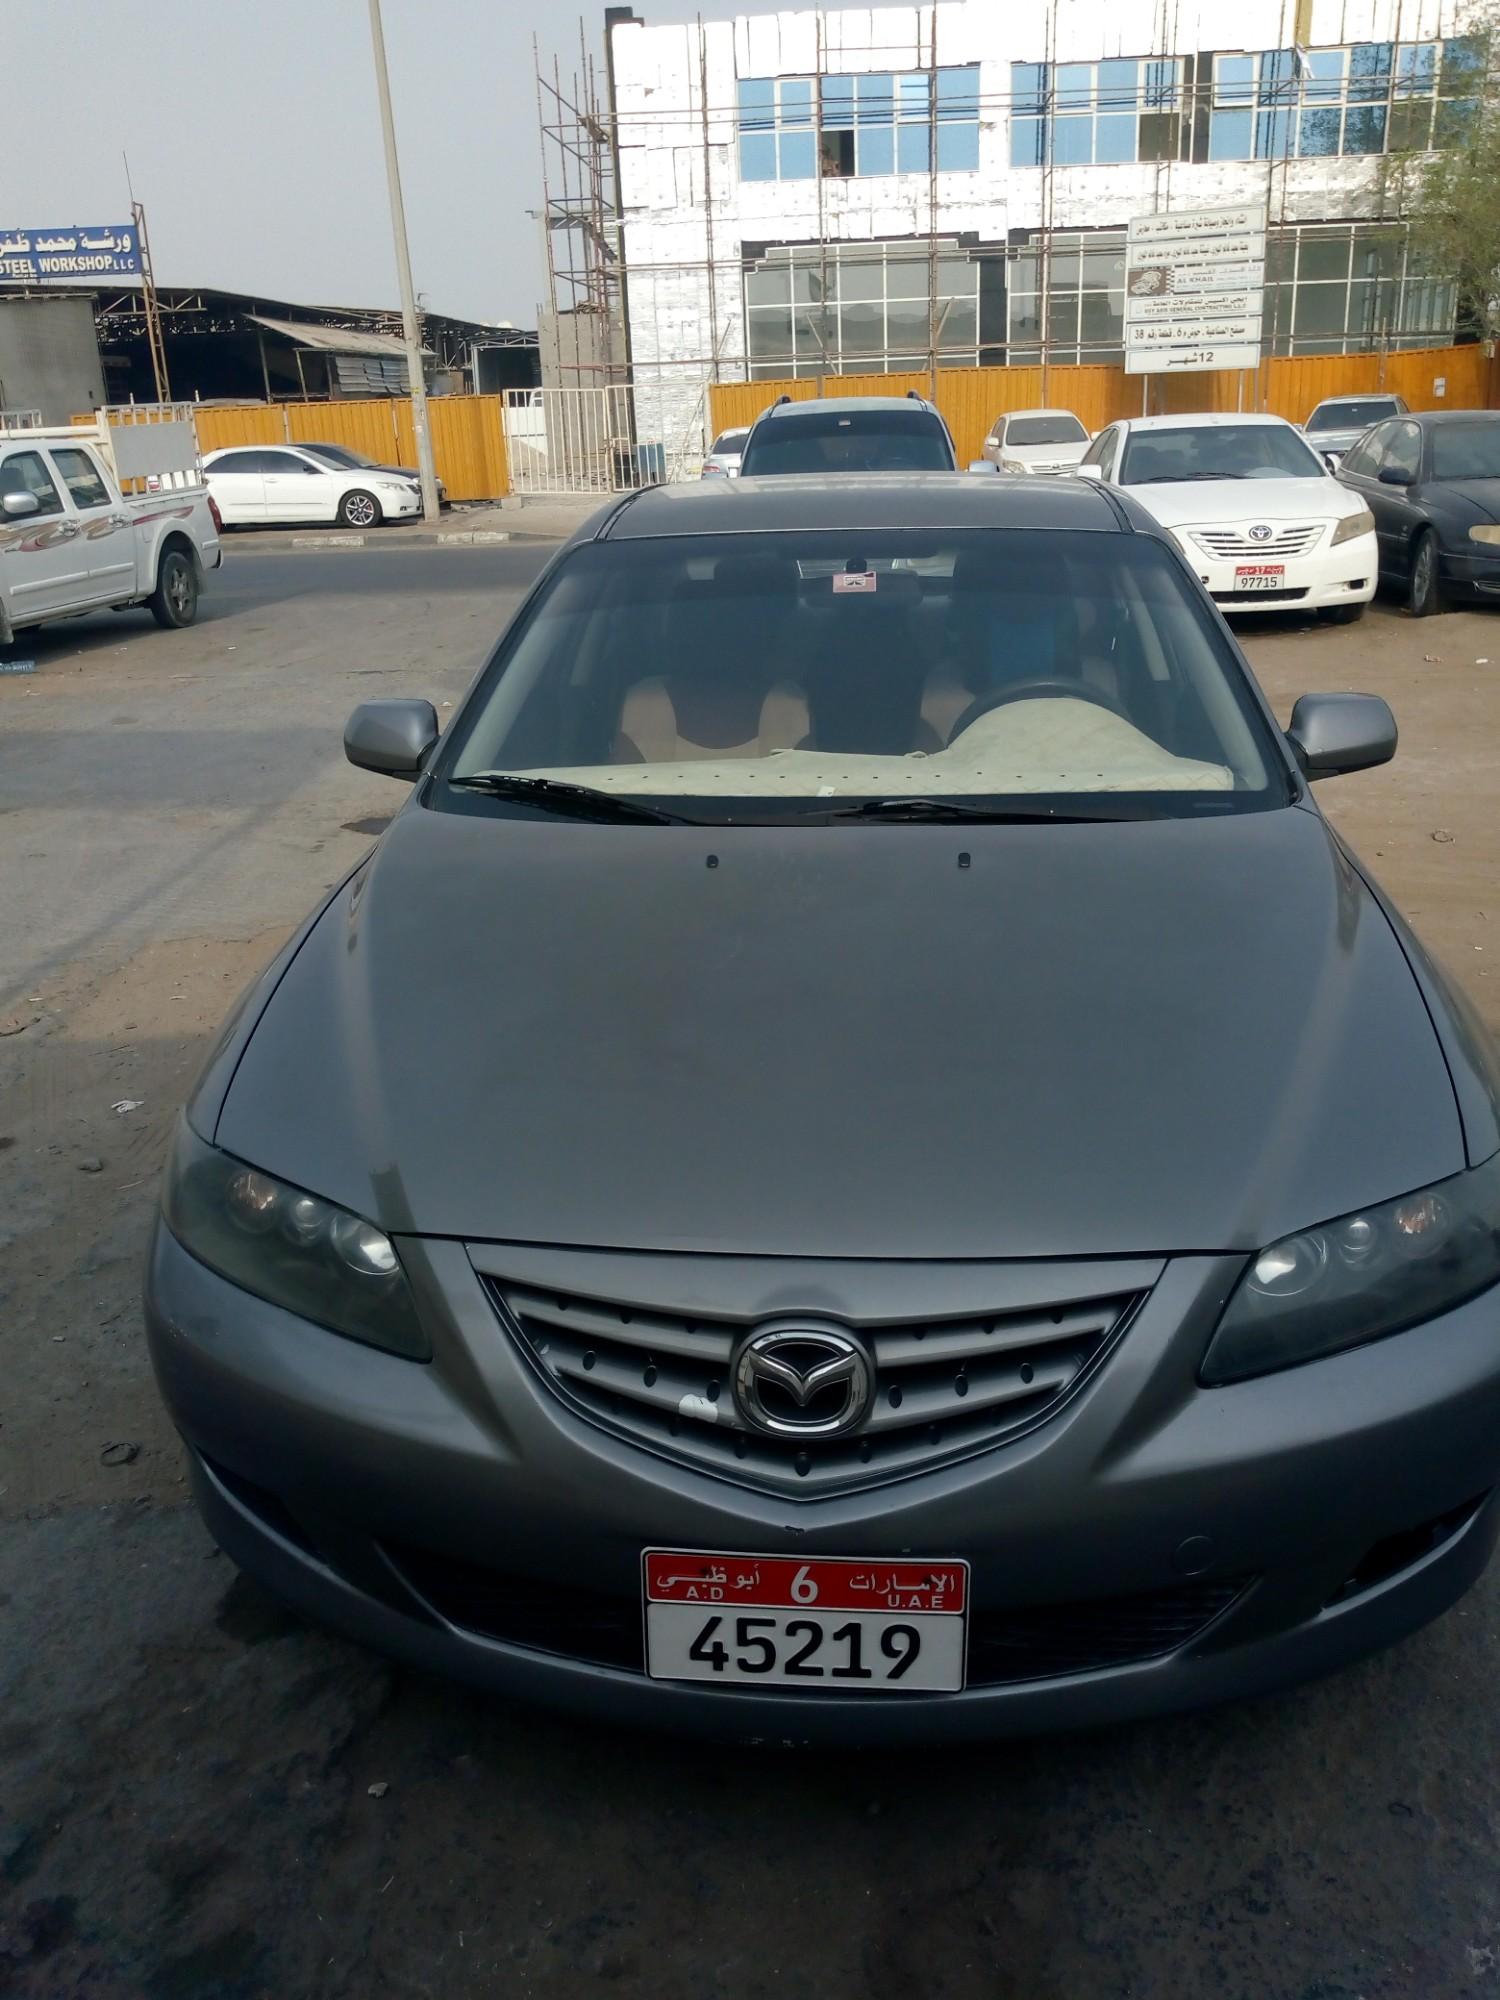 Kelebihan Kekurangan Mazda 2005 Perbandingan Harga